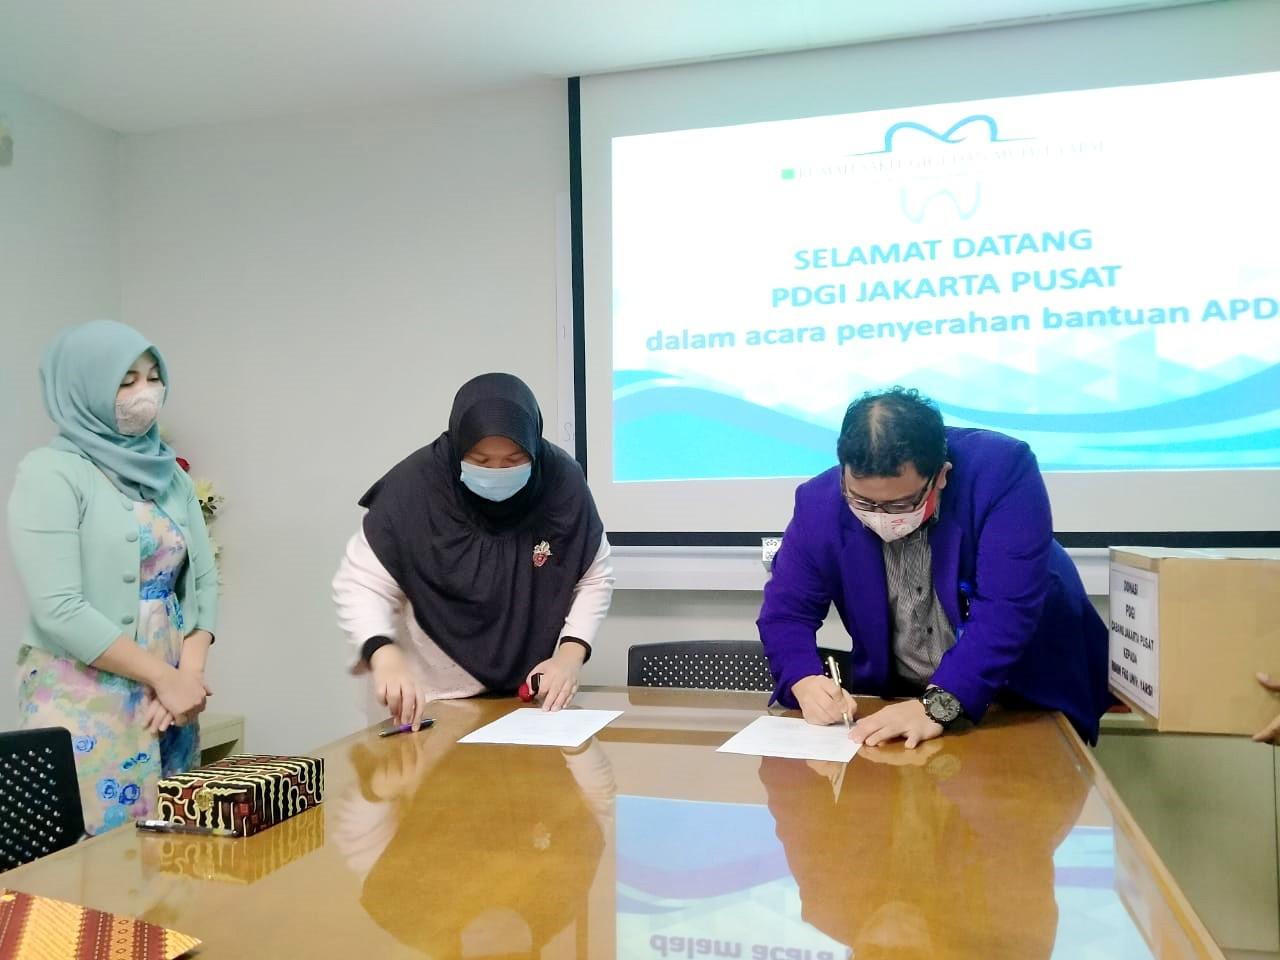 FKG UY dan RSGM YARSI Terima Donasi APD dari PDGI Jakarta Pusat - 2